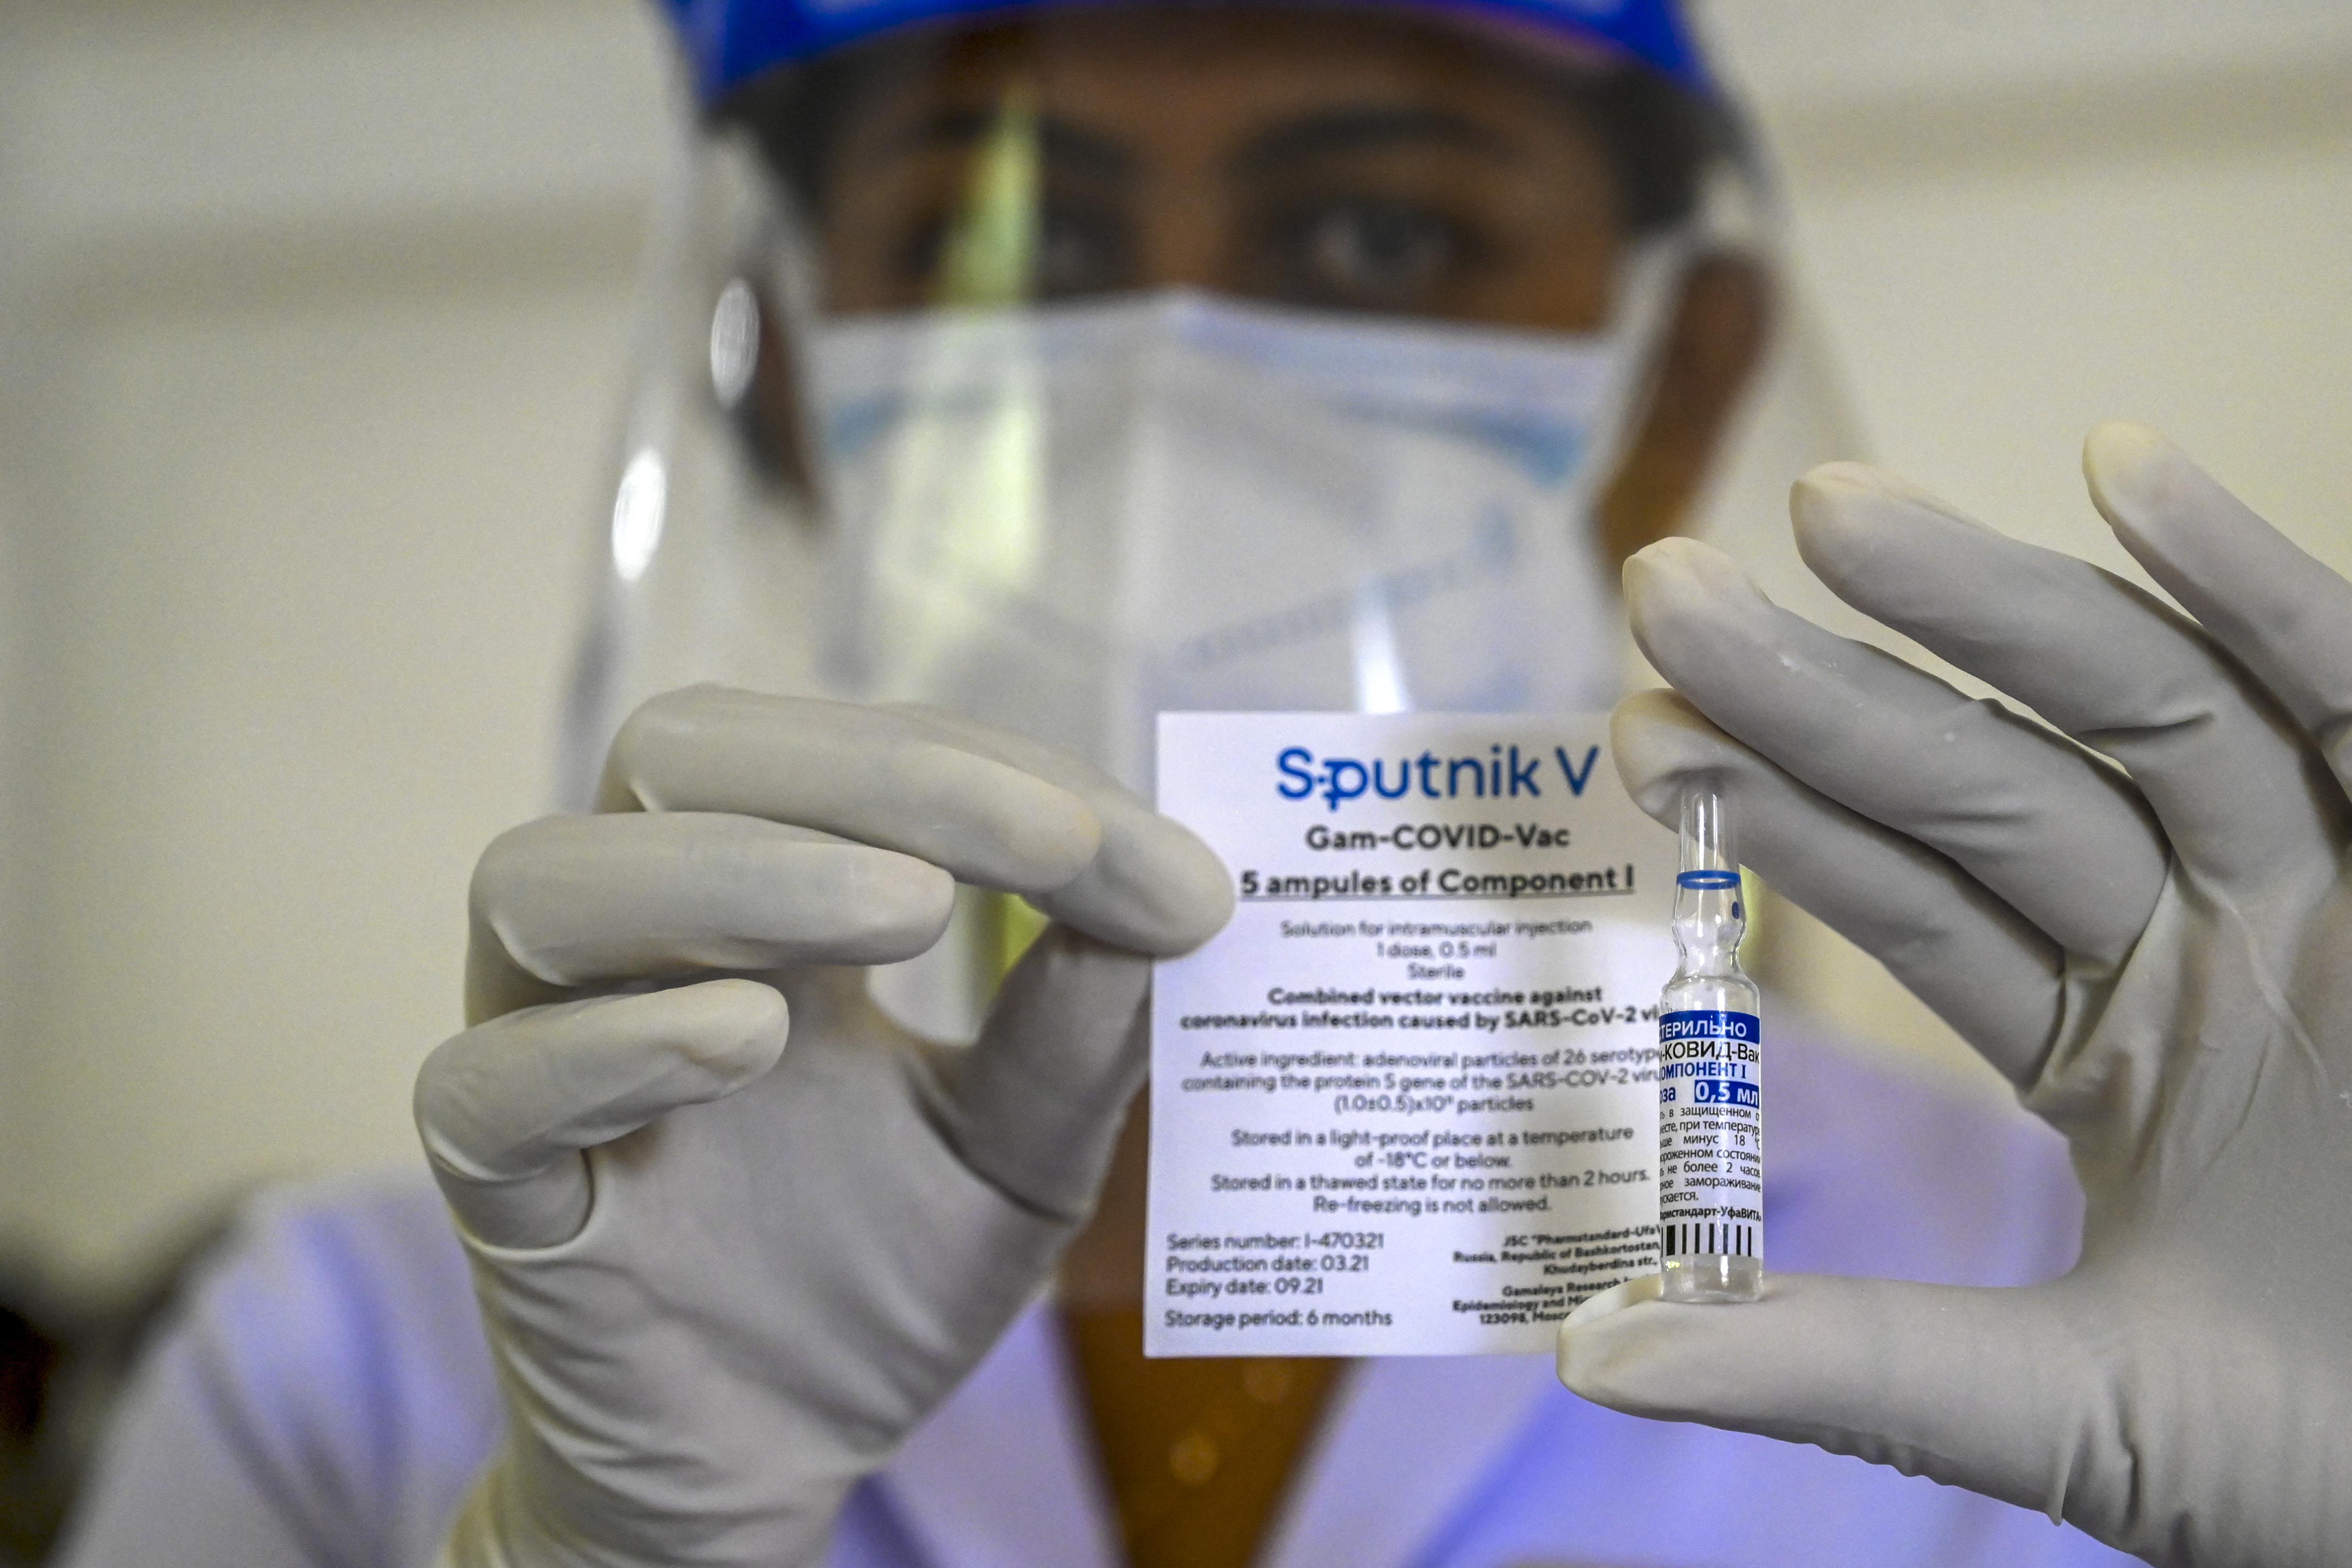 (Comissão Temporária da Covid-19 do Senado debate aquisição de vacinas. Foto: Ishara S. KODIKARA / AFP)